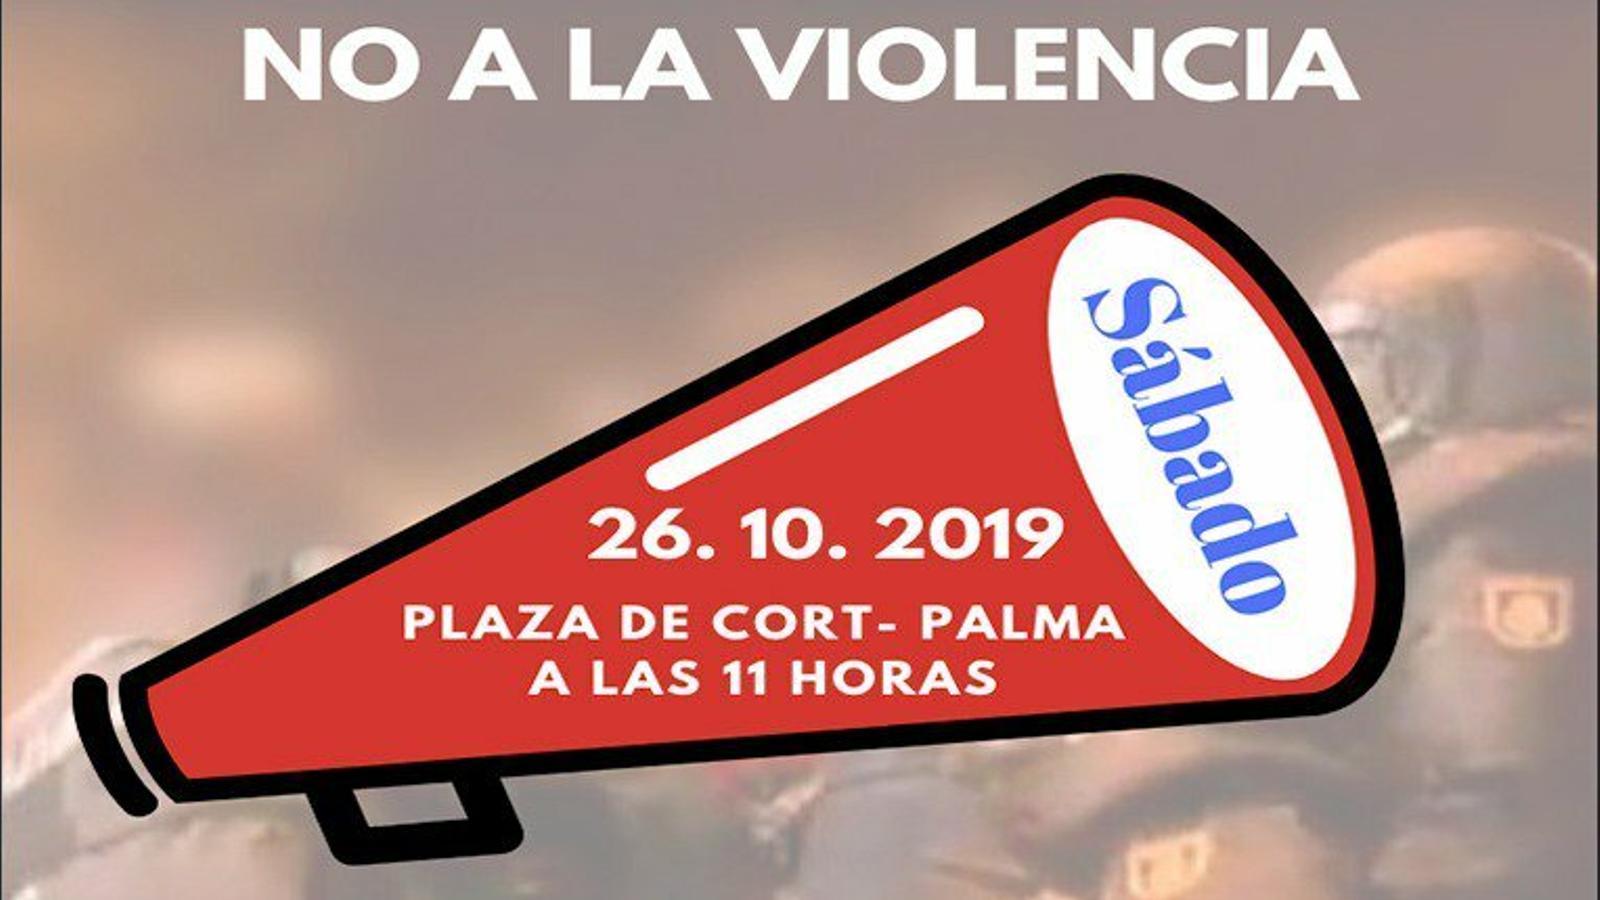 Cartell de la protesta, amb el logo dels sindicats de policia i guàrdia civil que s'han adherit